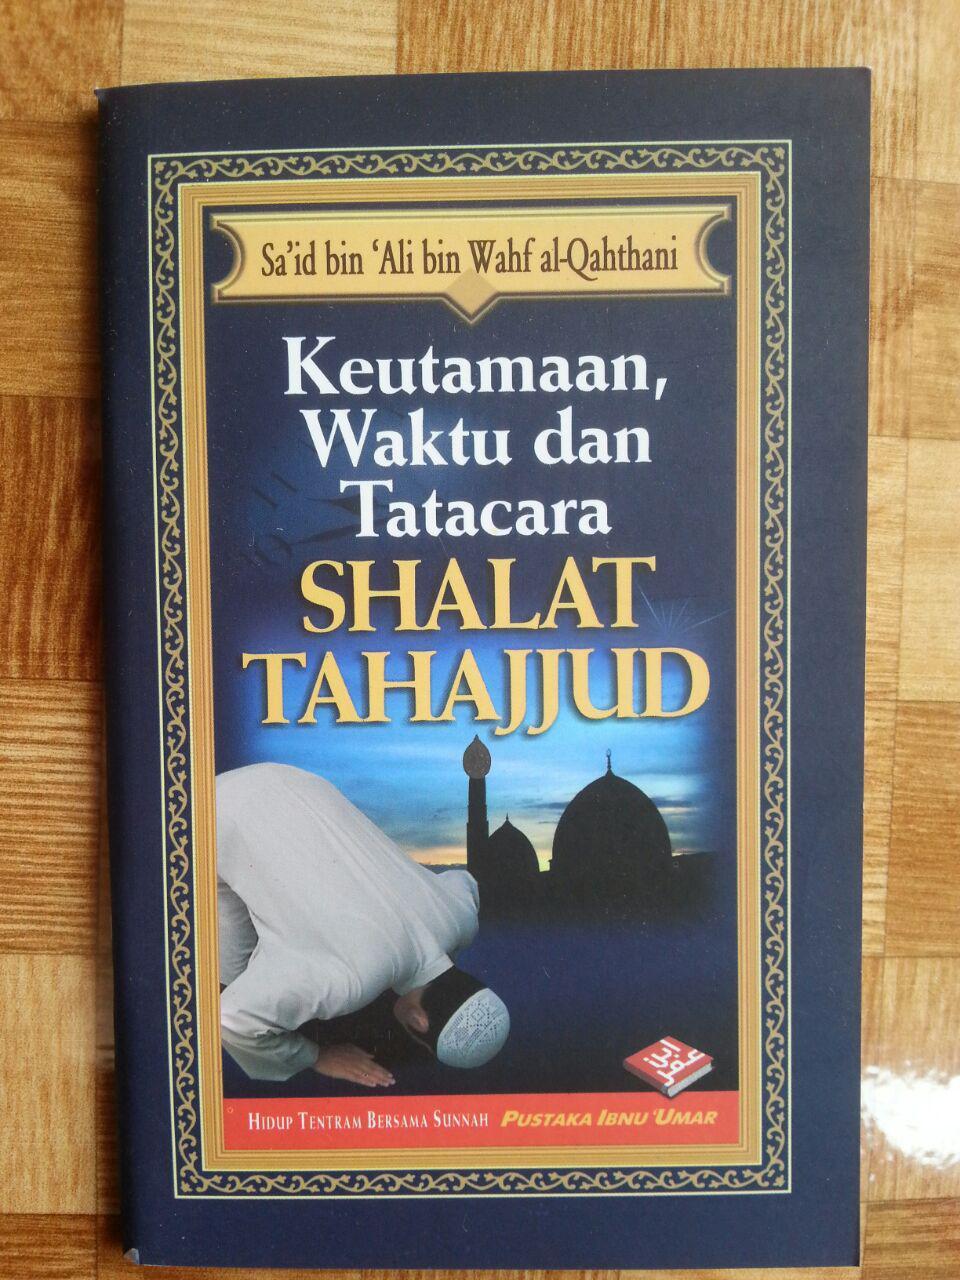 Buku Saku Keutamaan Waktu dan Tata Cara Shalat Tahajjud cover 2